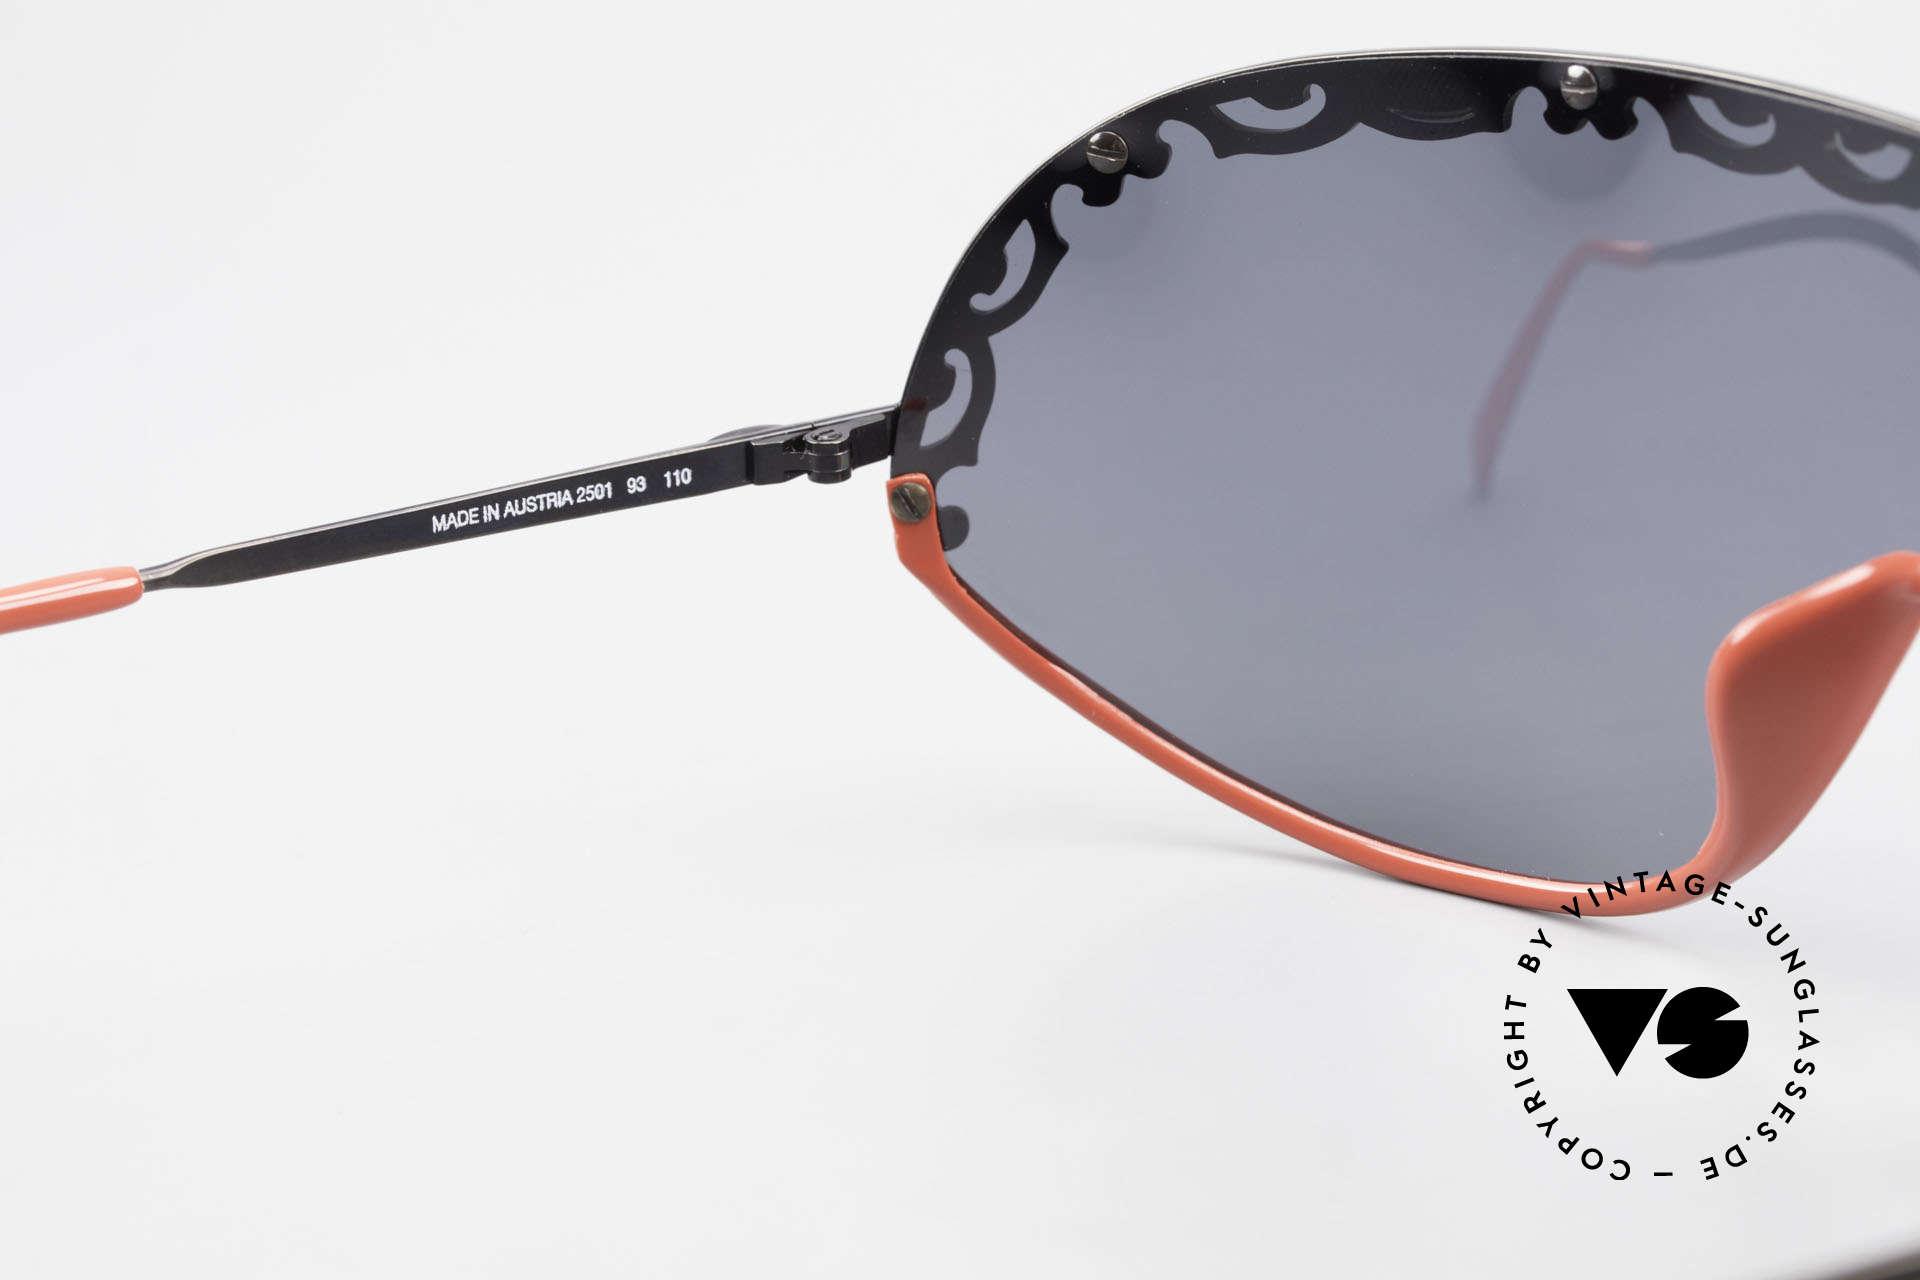 Christian Dior 2501 Polarisierende Sonnenbrille, KEINE RETROmode; eine 30 Jahre alte vintage Rarität!, Passend für Damen